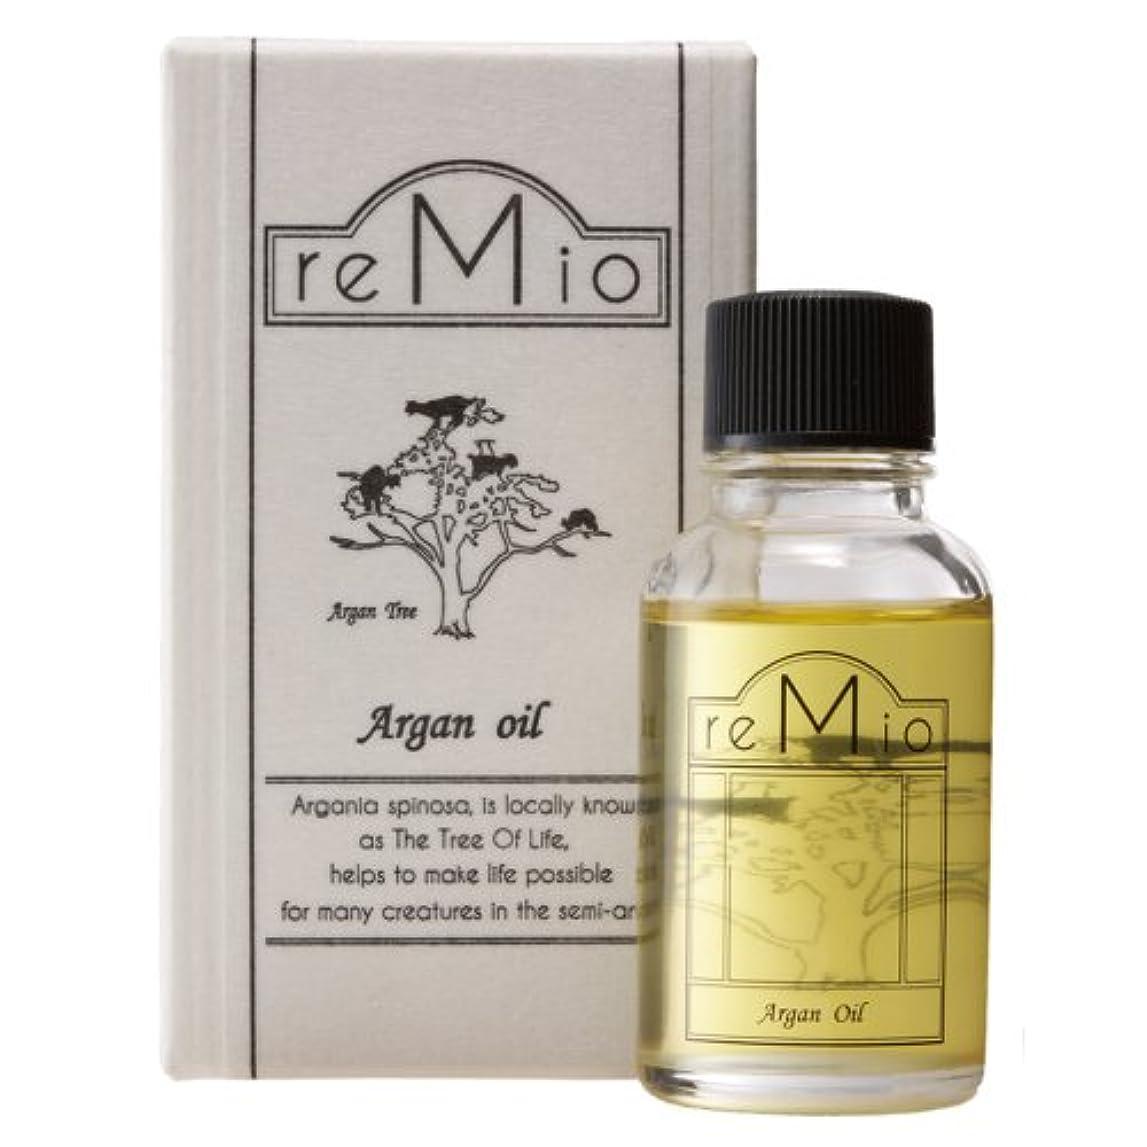 配当適応キャンディーレミオ(REMIO) オーガニックアルガンオイル